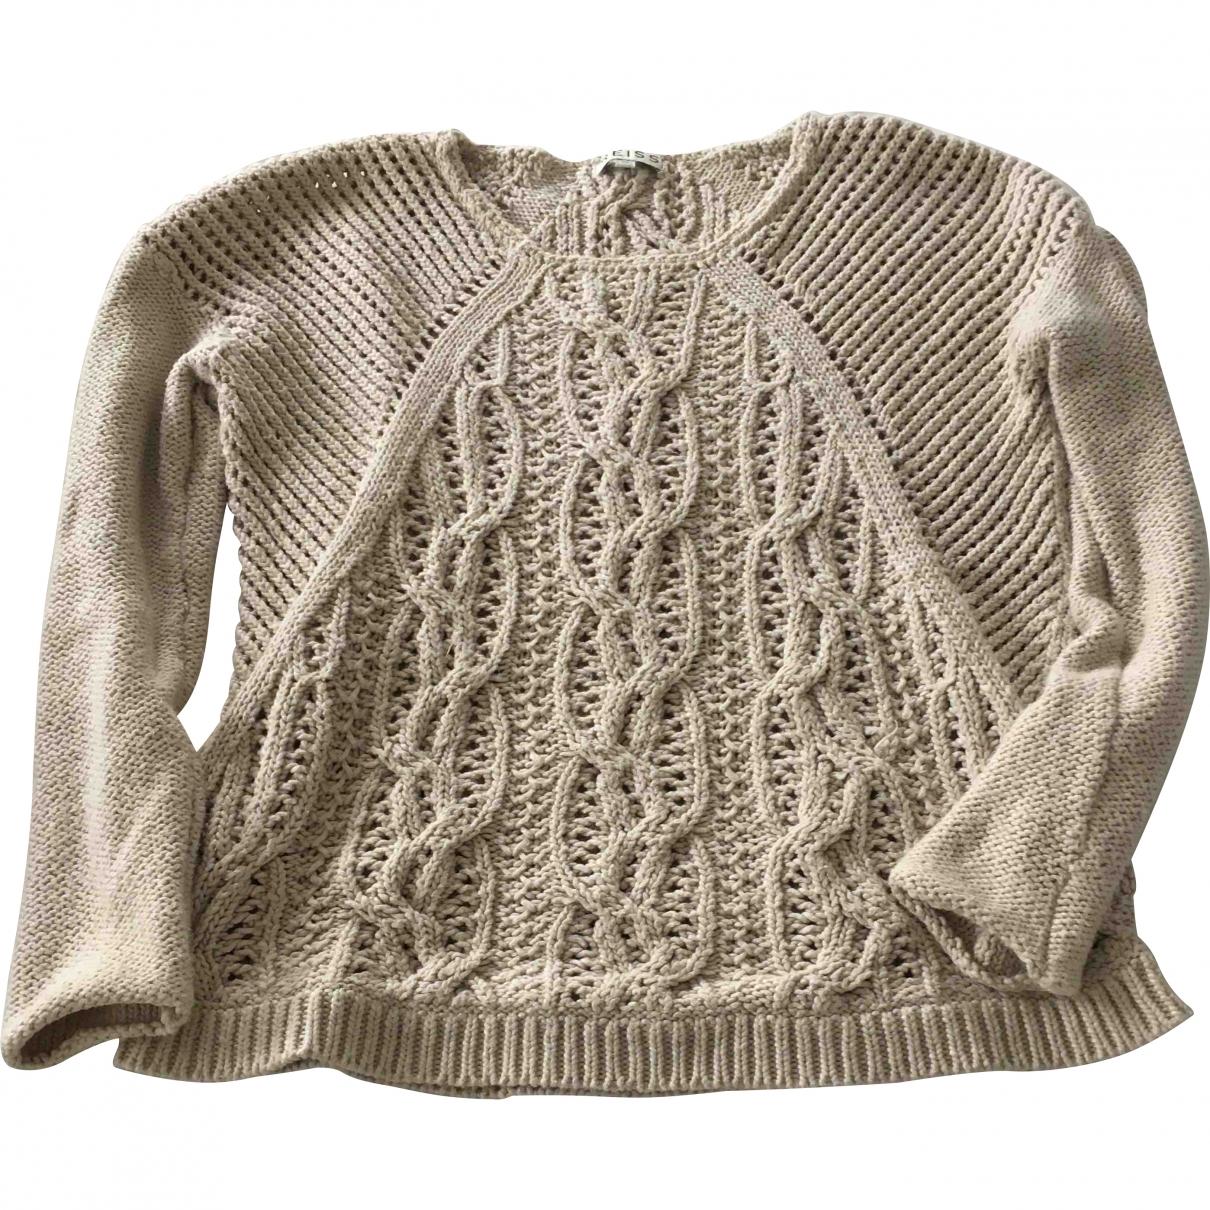 Reiss \N Beige Cotton Knitwear for Women XS International